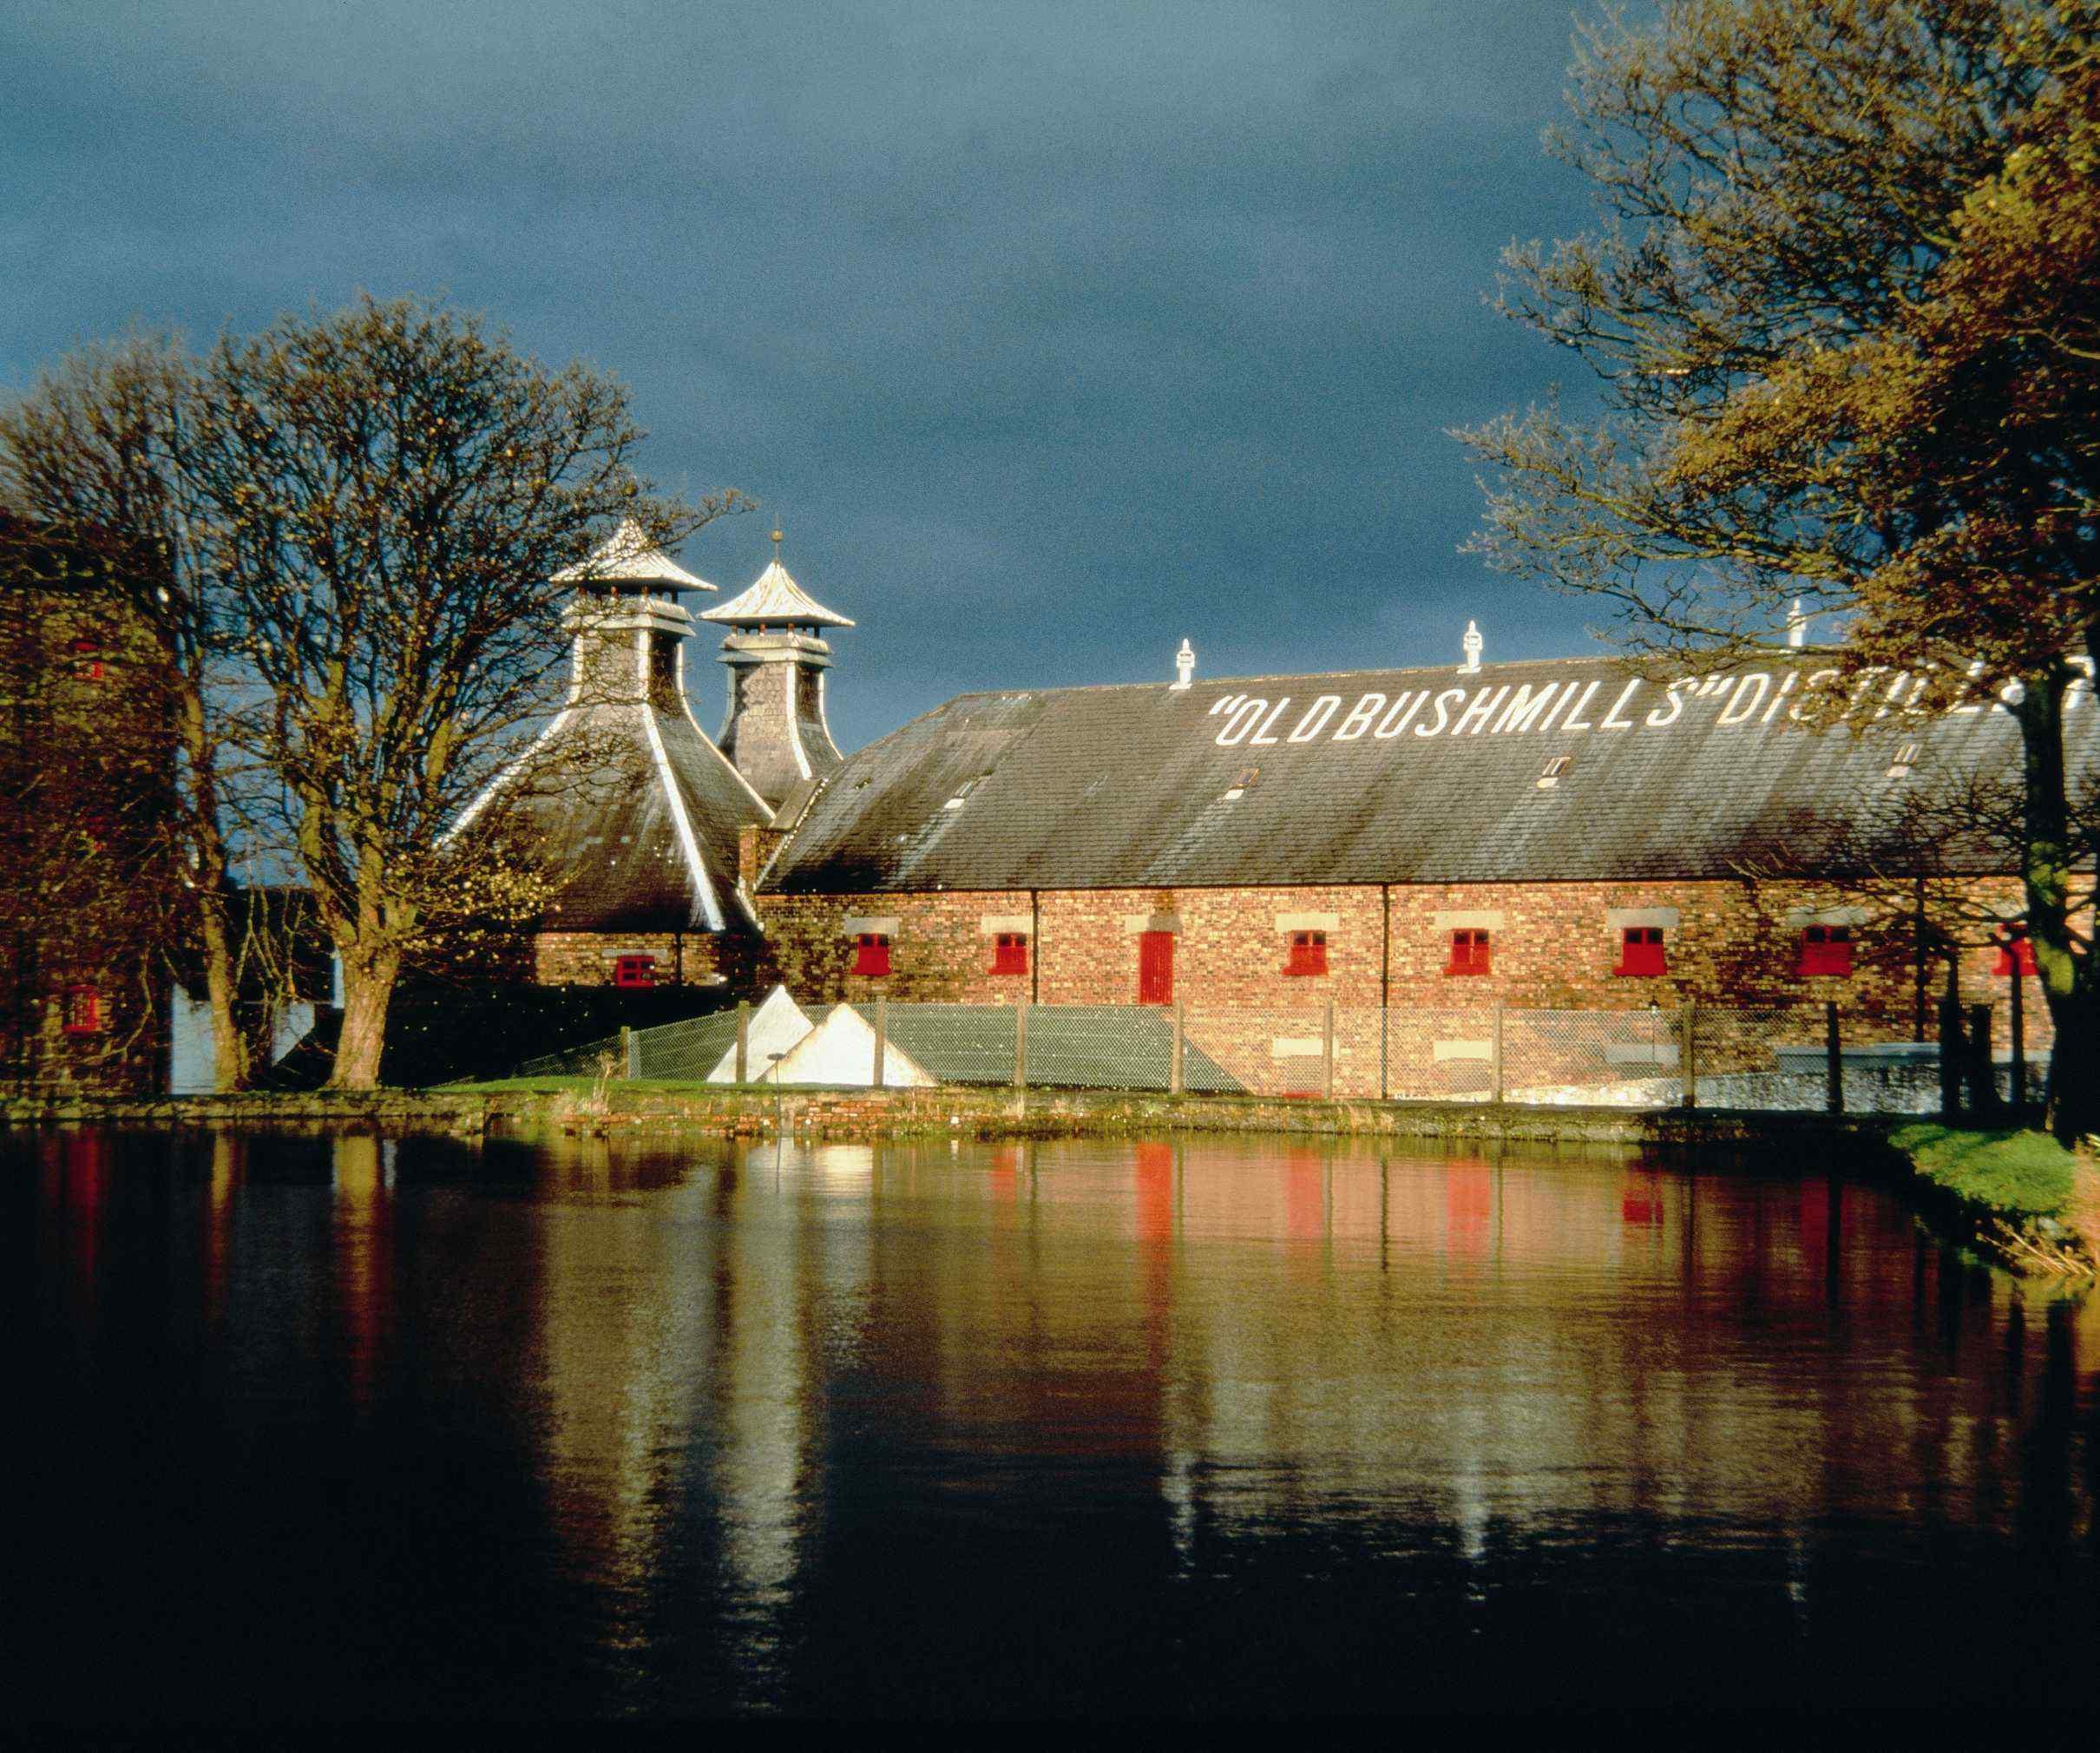 Old Bush Mills Distillery